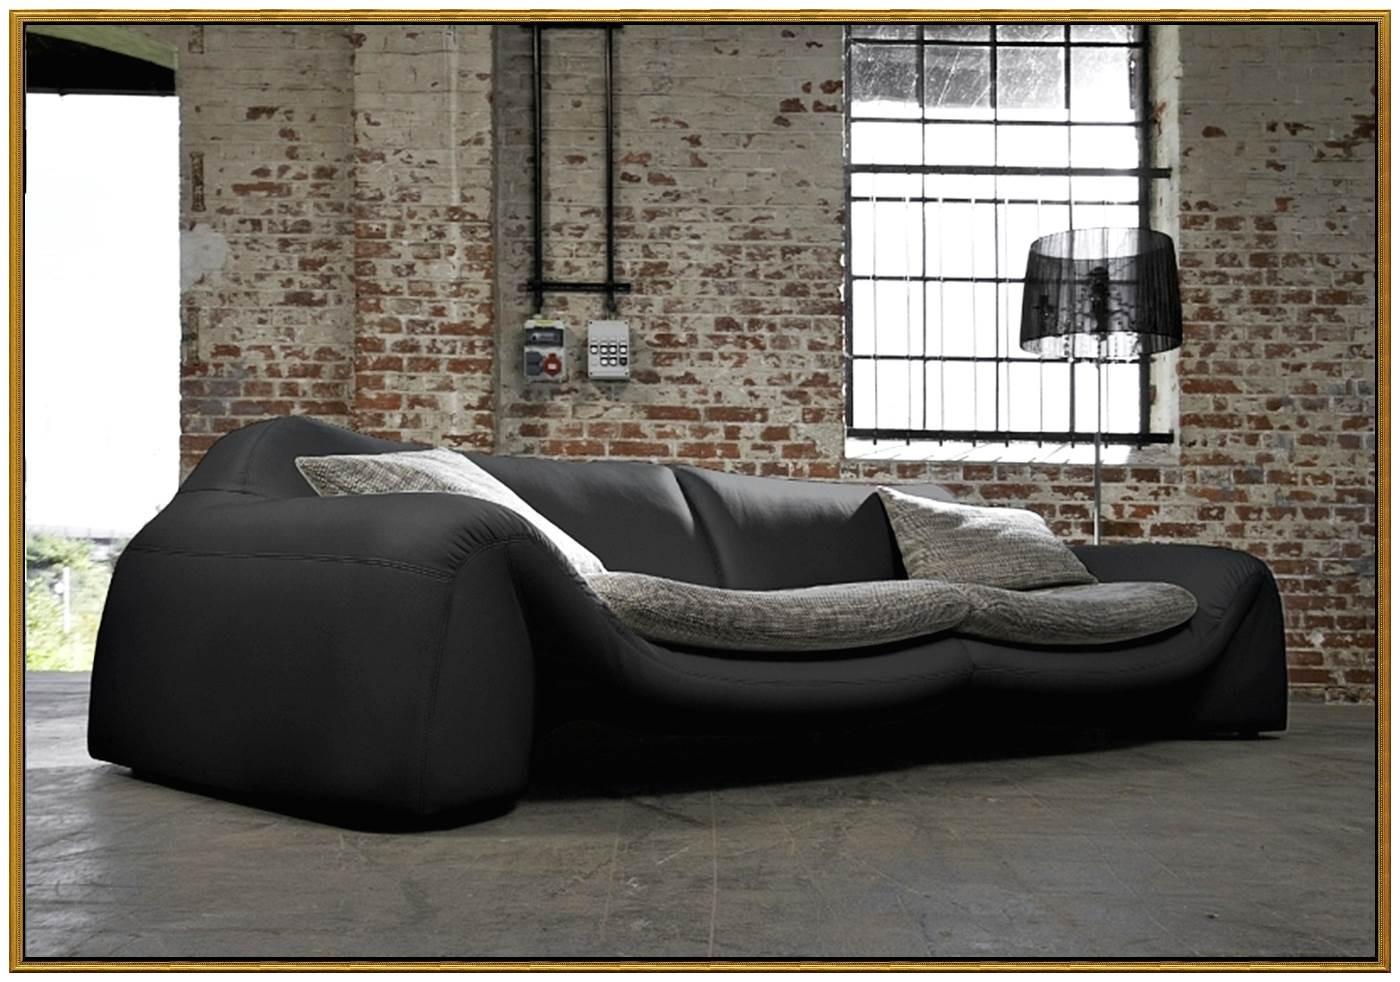 riesen sofa big sofa schwarz trendy big sofa xxl lutz big sofa xxl point of riesen sofa